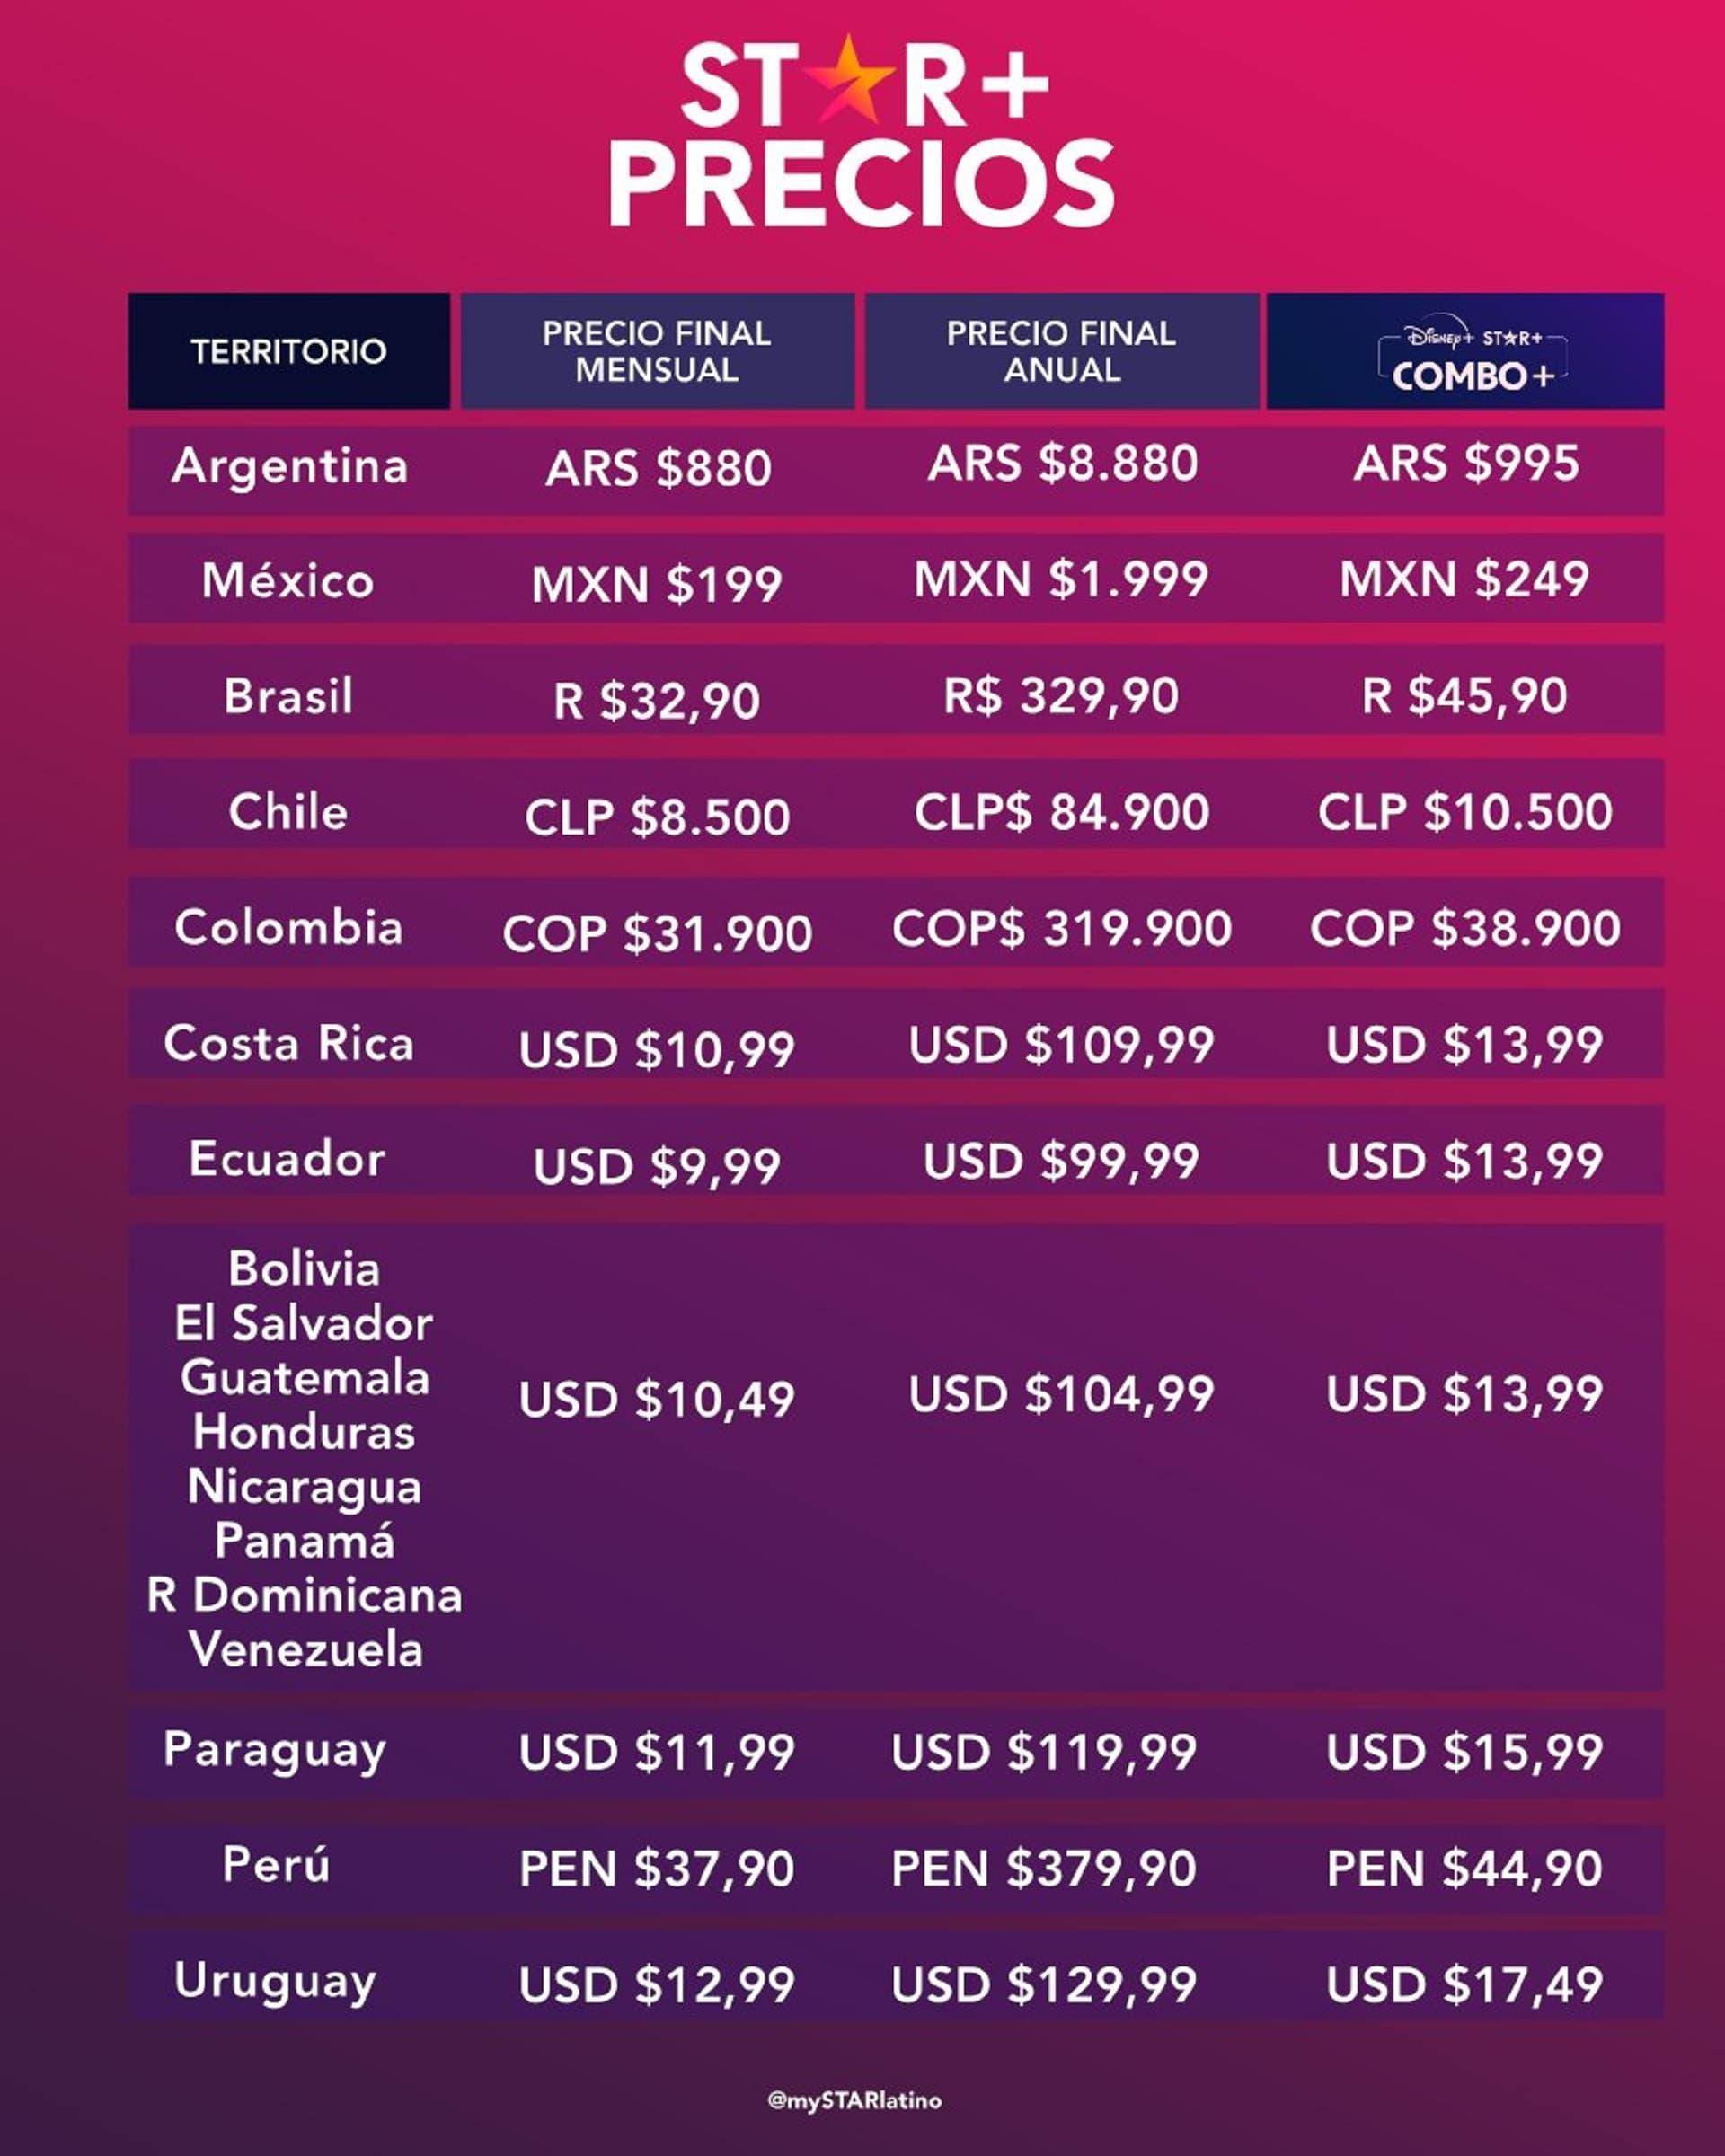 Los precios de Star Plus en toda Latinoamérica desde el 31 de agosto